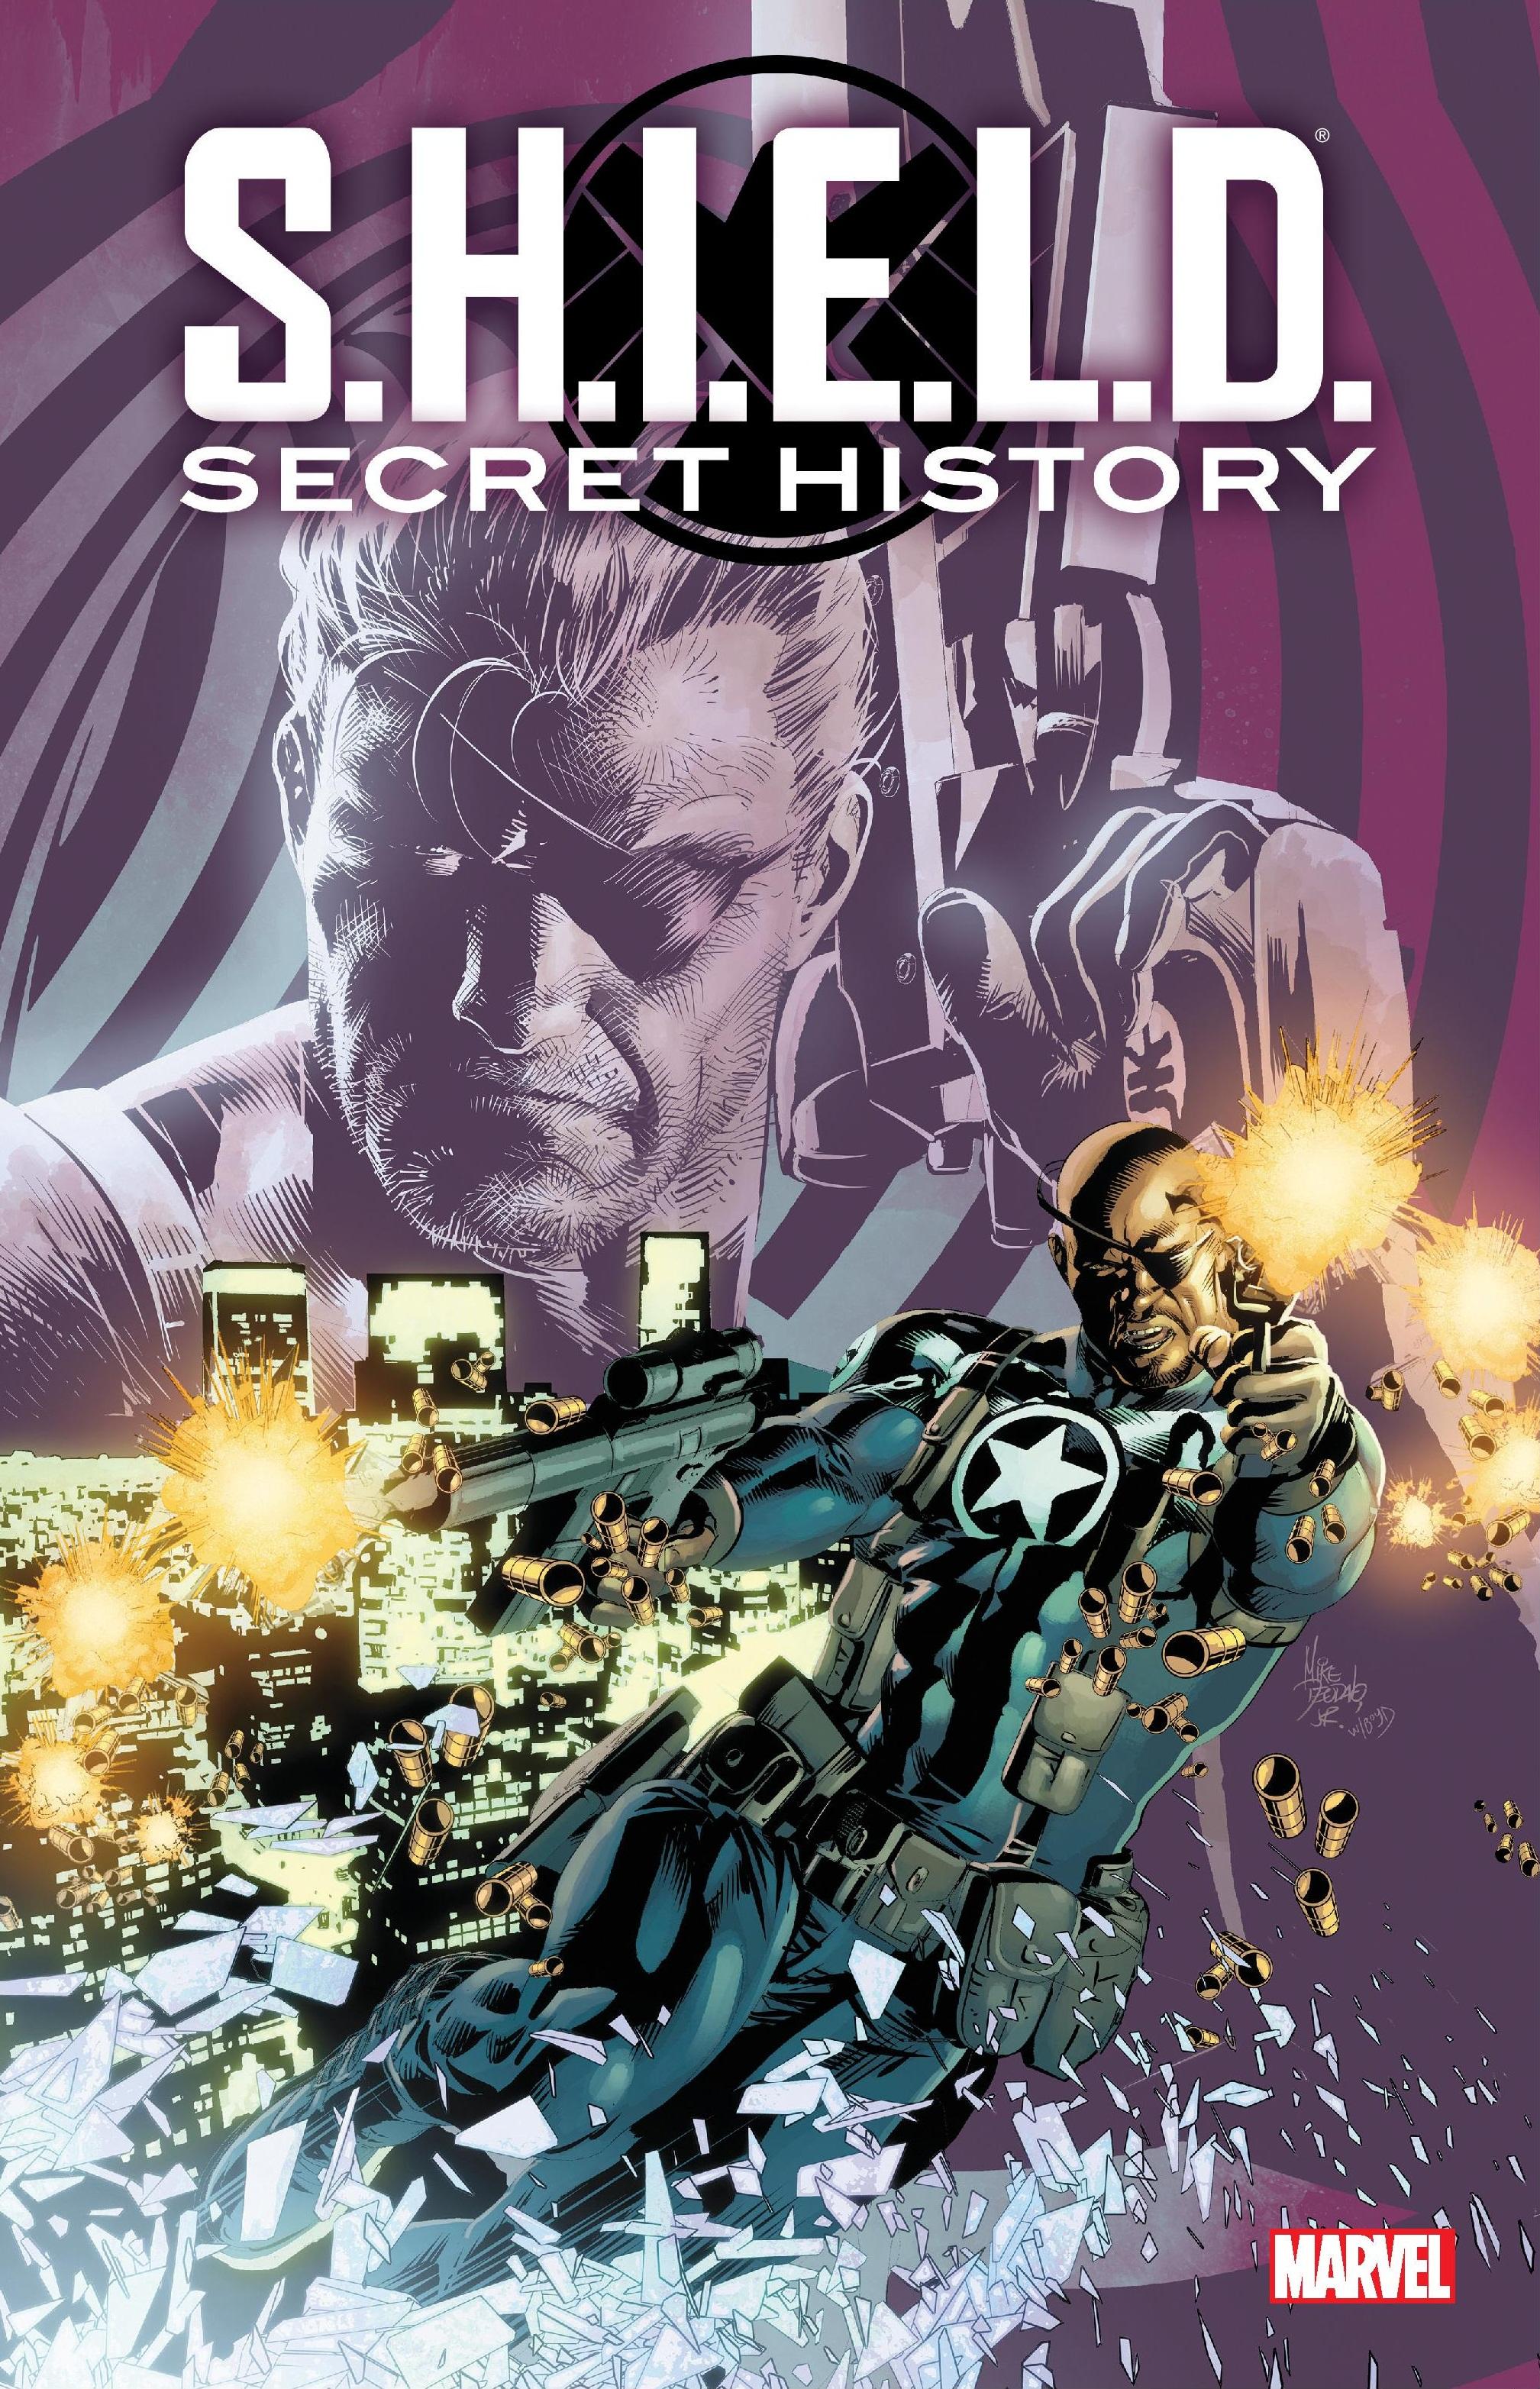 S.H.I.E.L.D.: SECRET HISTORY TPB (Trade Paperback)